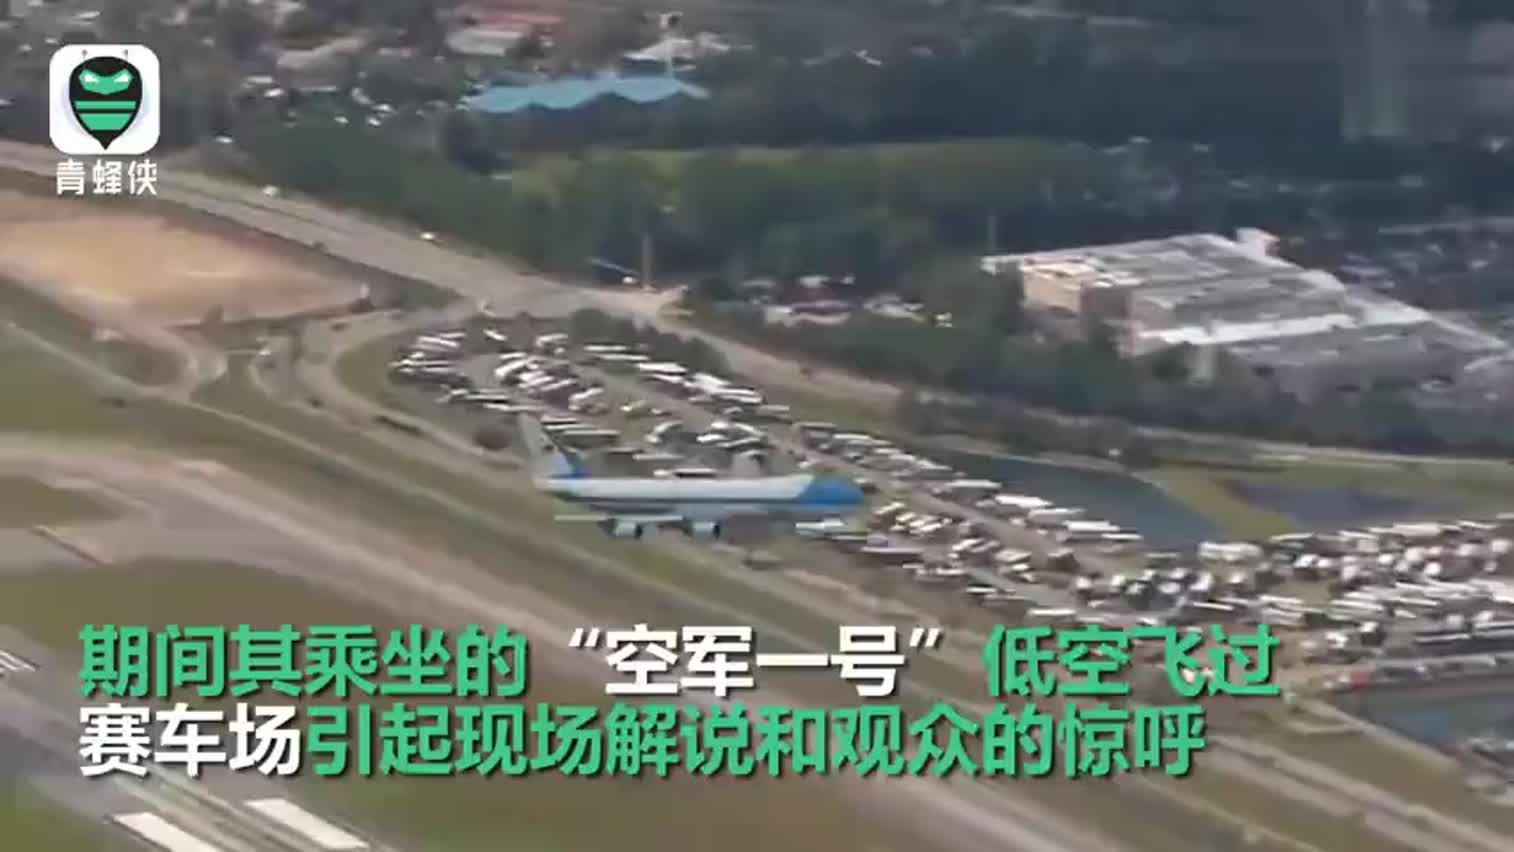 视频-特朗普空降汽车赛事 专机超低空划过赛场引现